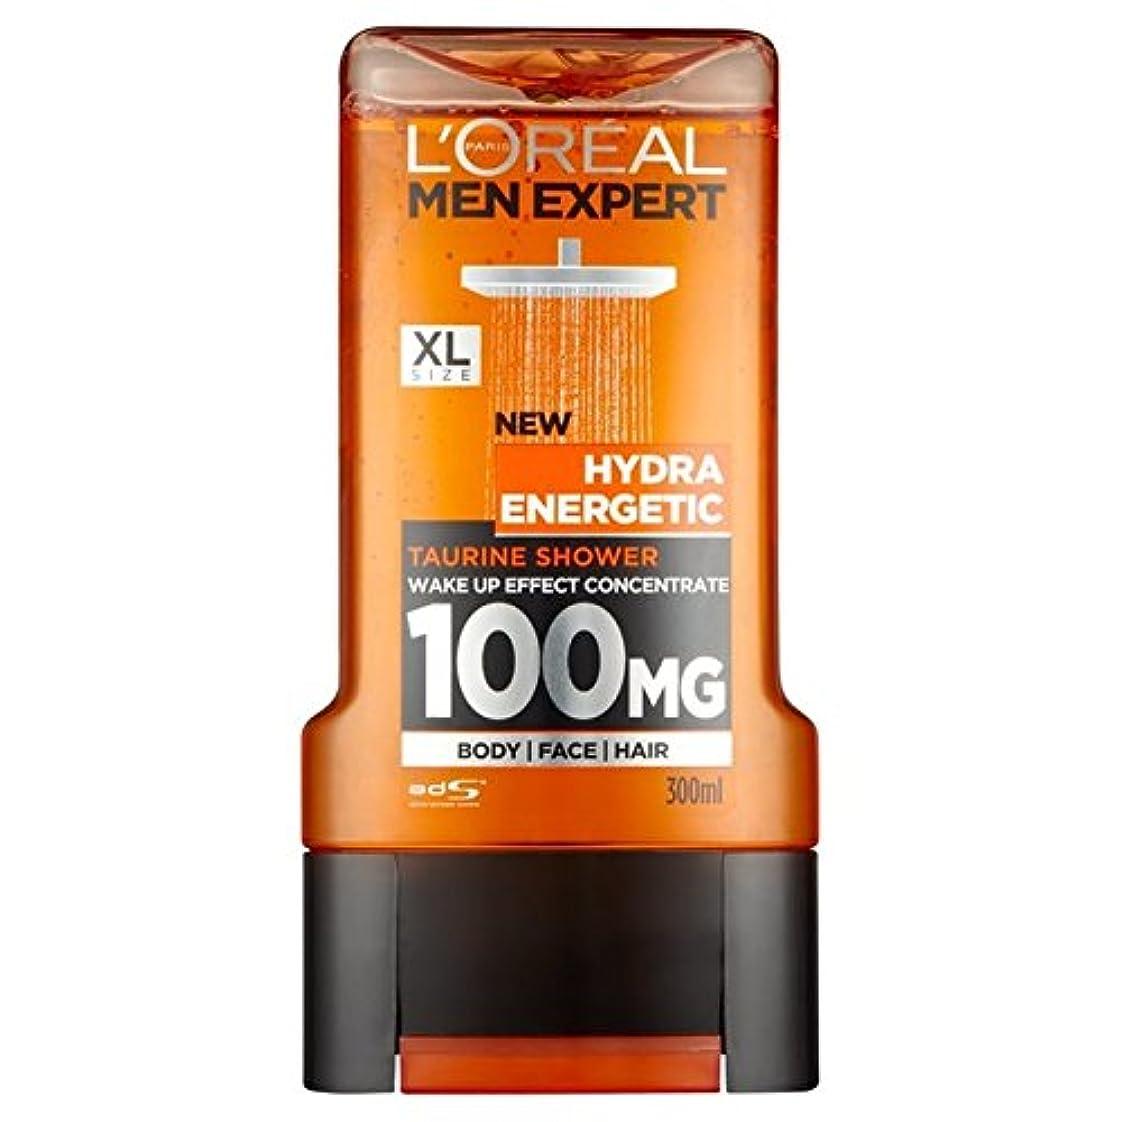 物足りないマニアック第ロレアルパリのメンズ専門家ヒドラエネルギッシュなシャワージェル300ミリリットル x2 - L'Oreal Paris Men Expert Hydra Energetic Shower Gel 300ml (Pack...